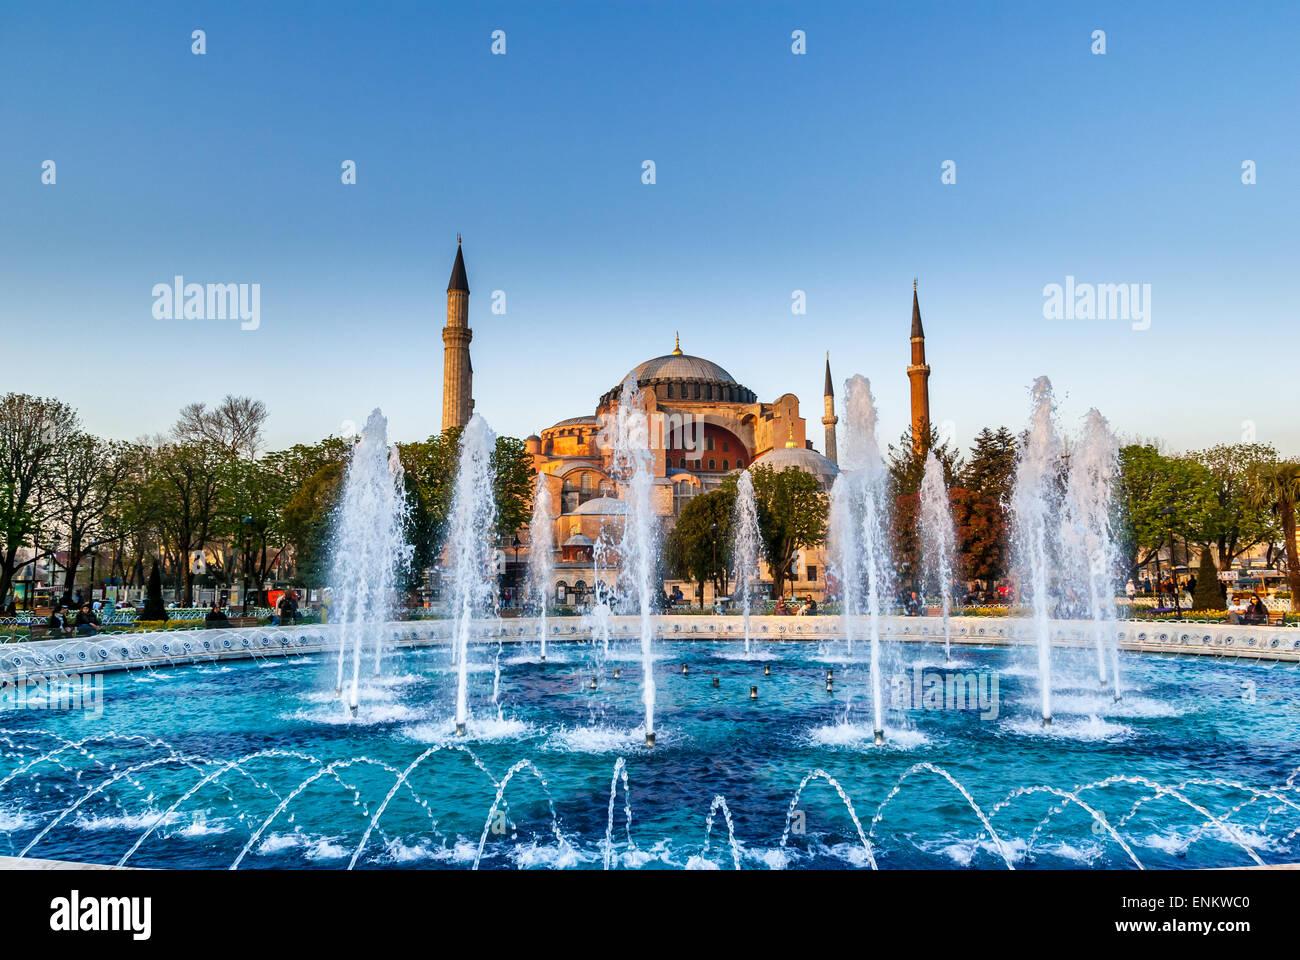 Hagia Sophia Mosque In Sultanahmet Square, Istanbul, Turkey. Hagia Sophia Museum Istanbul Turkey - Stock Image